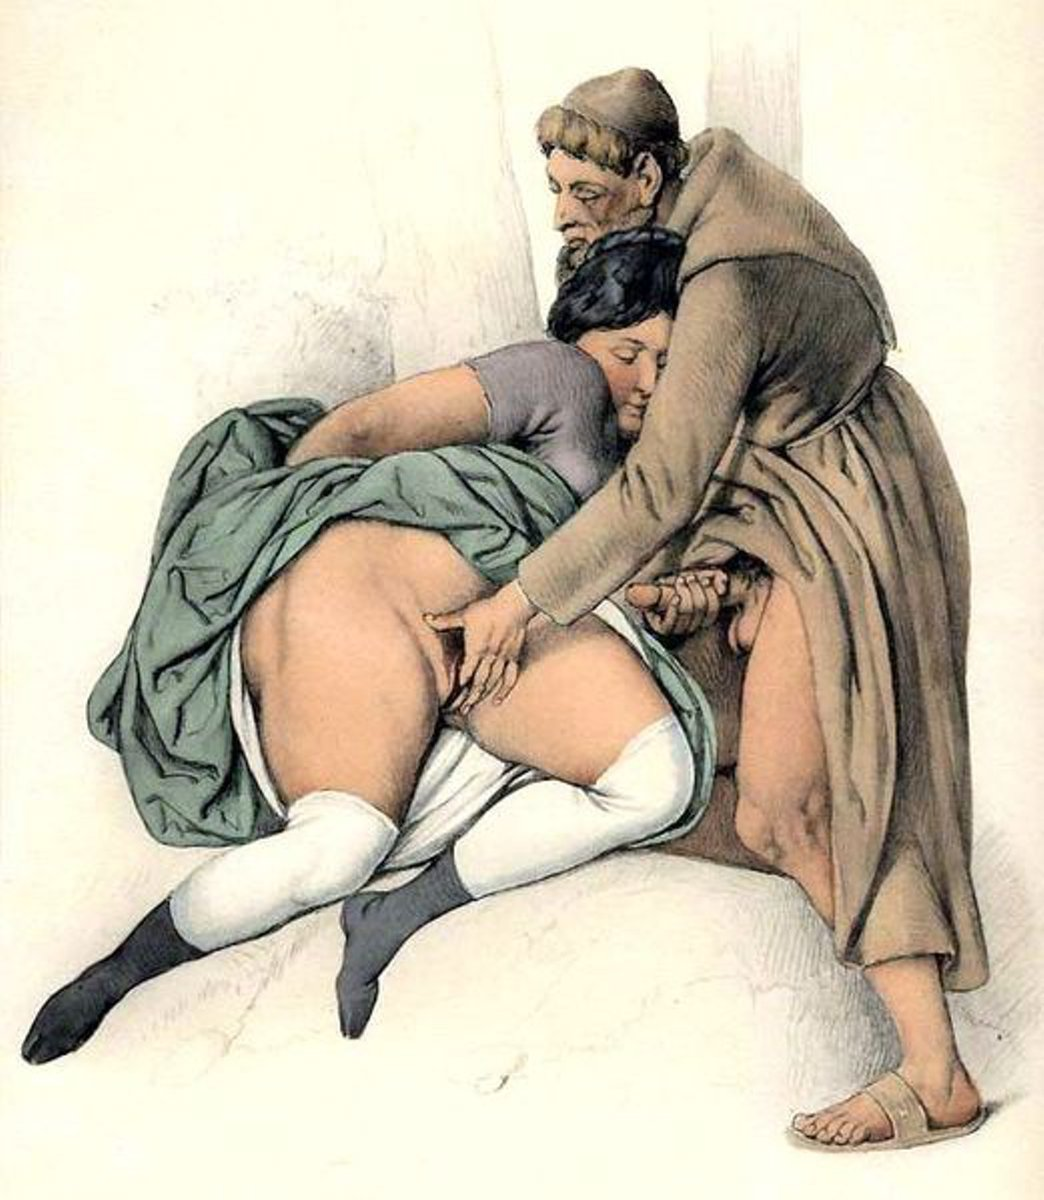 Рассказы исторические эротика 3 фотография